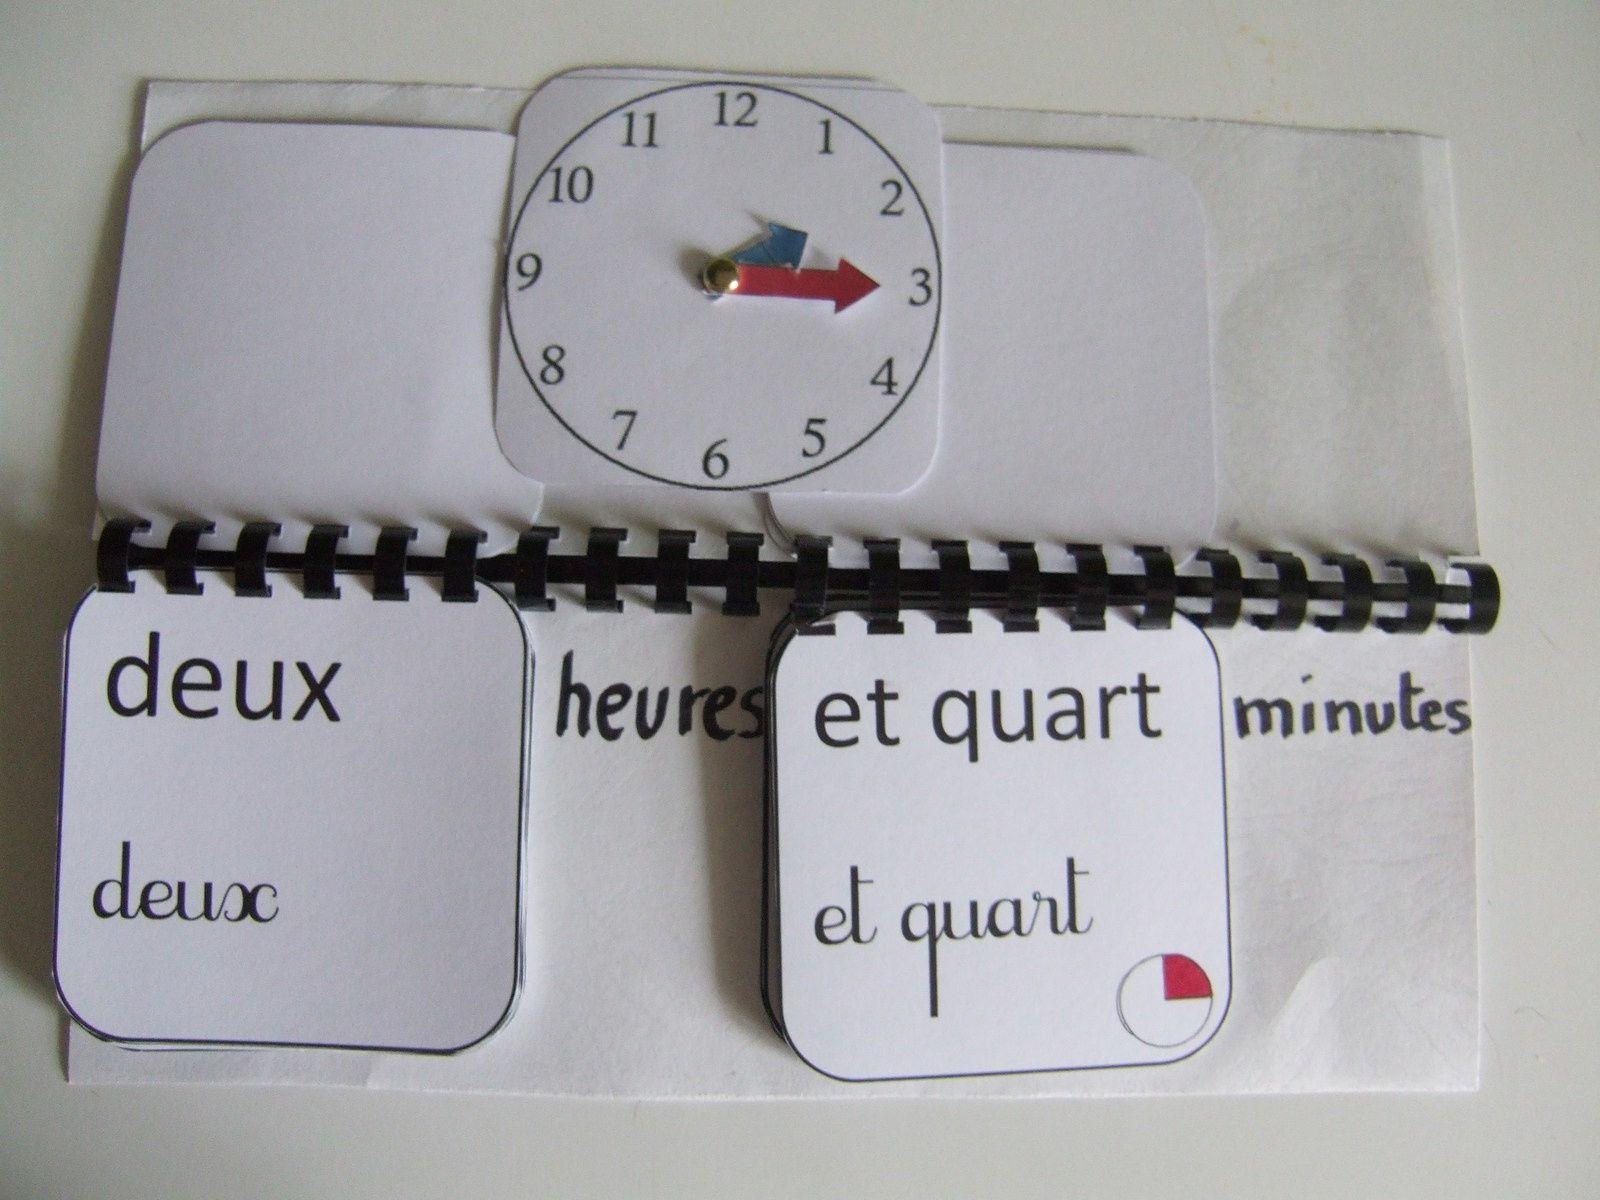 livret mobil pour apprendre à lire l'heure, en toutes lettres